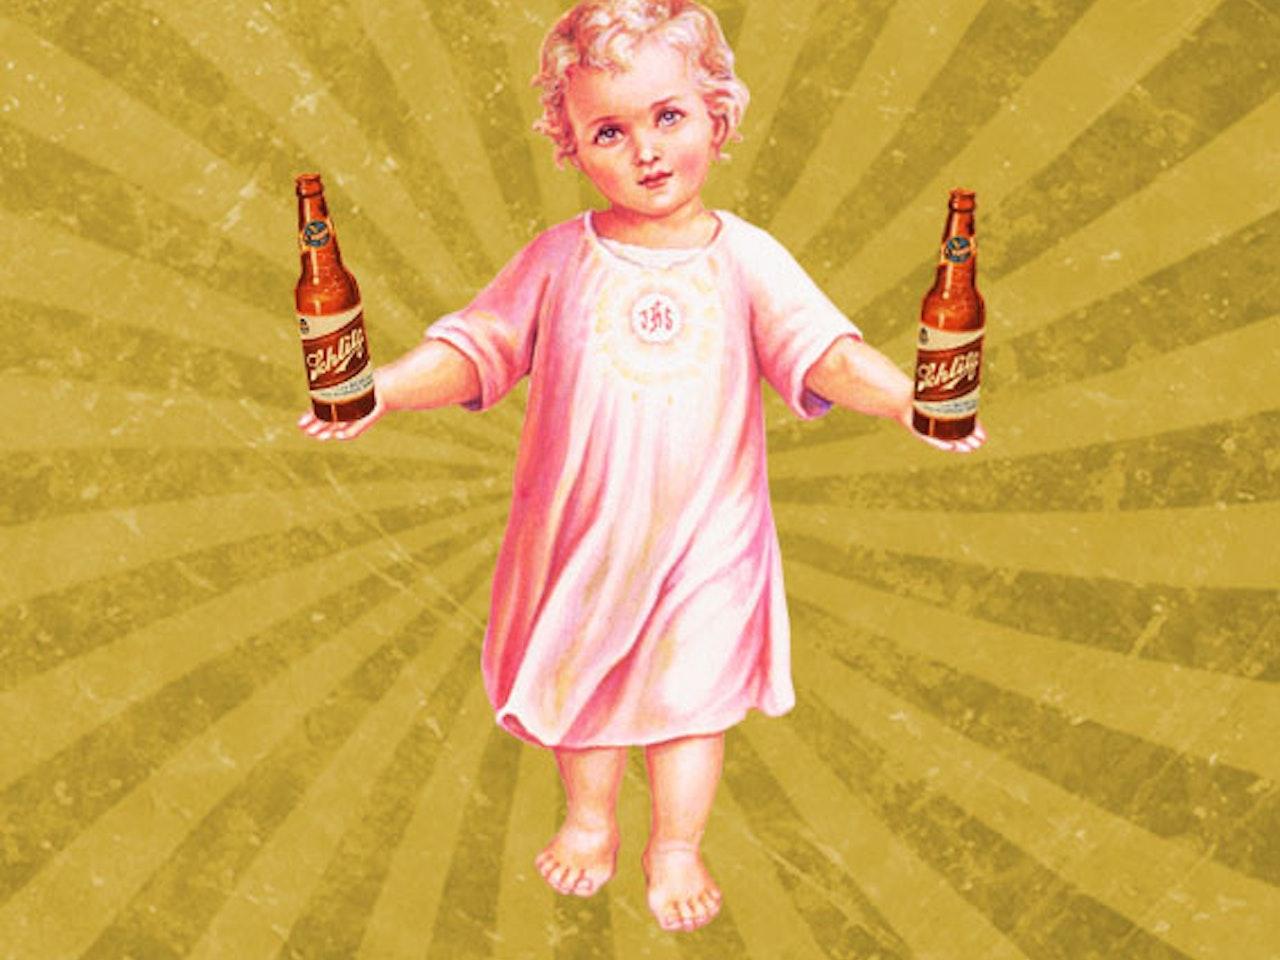 Les traigo amor y cerveza